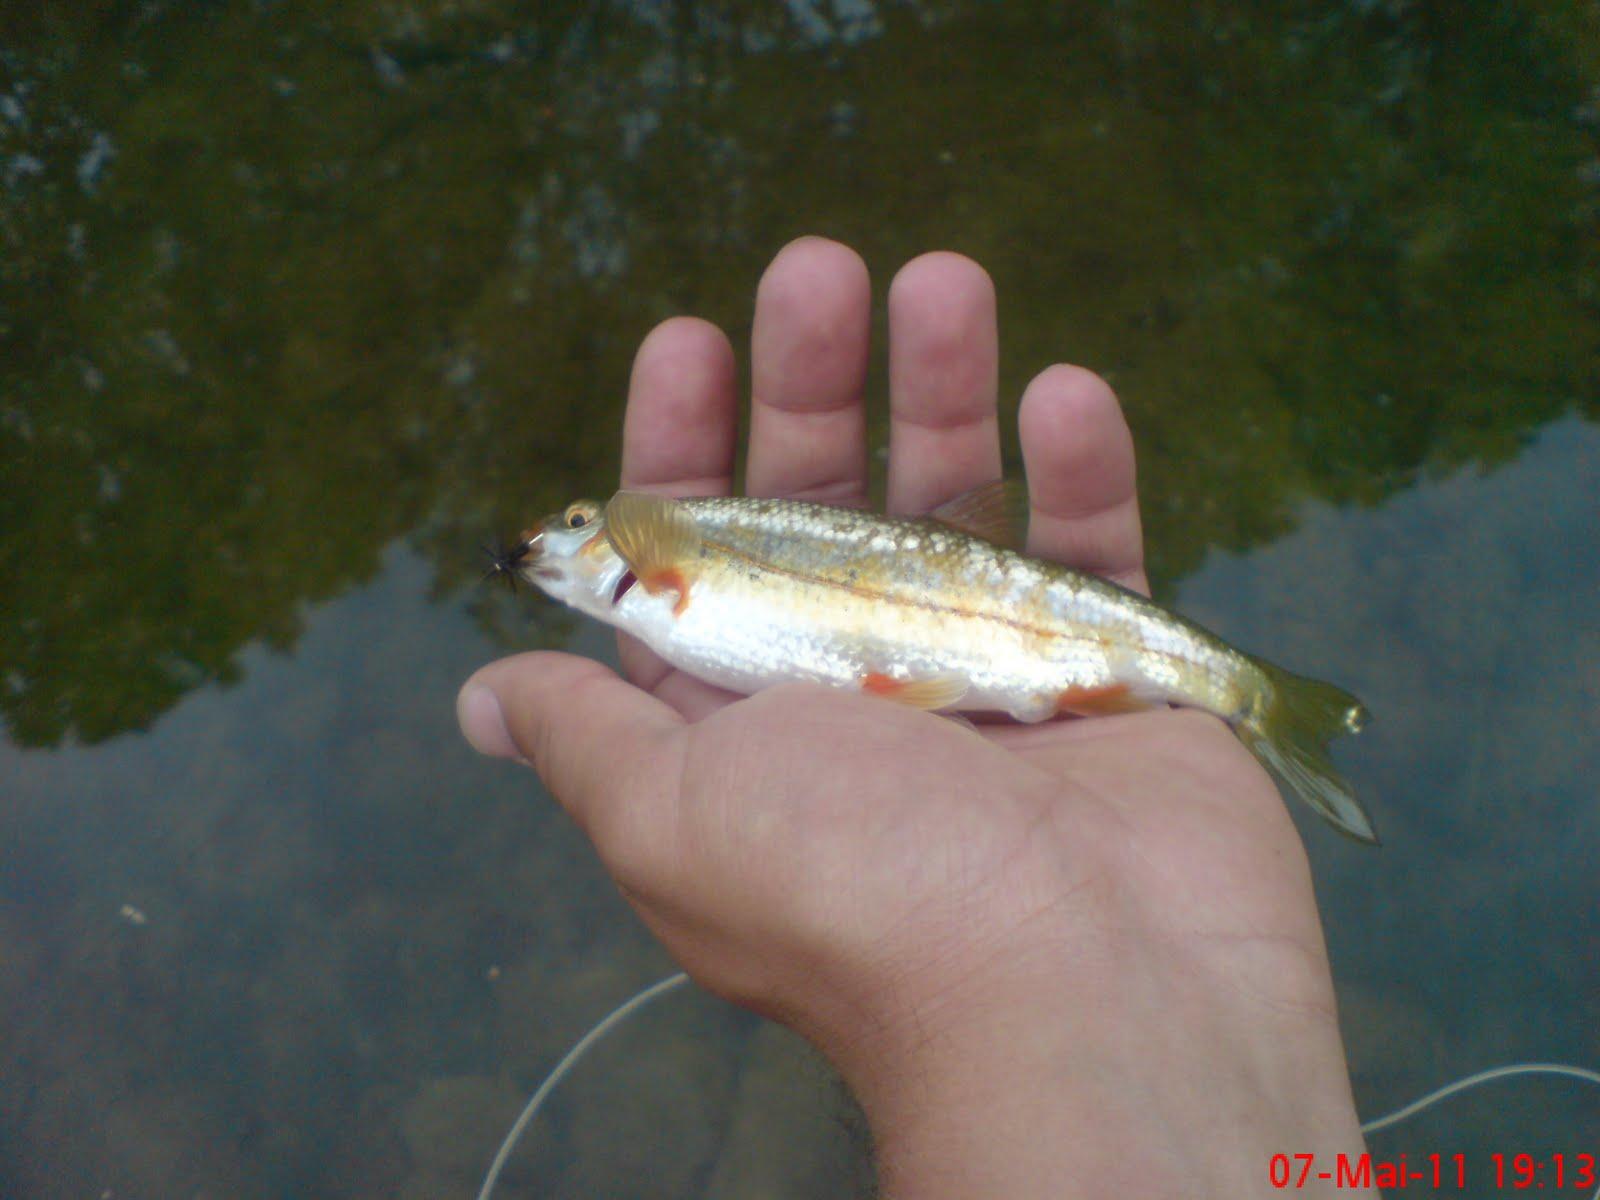 P che la mouche dans l 39 ouche amont fish 39 n style for Fish n style